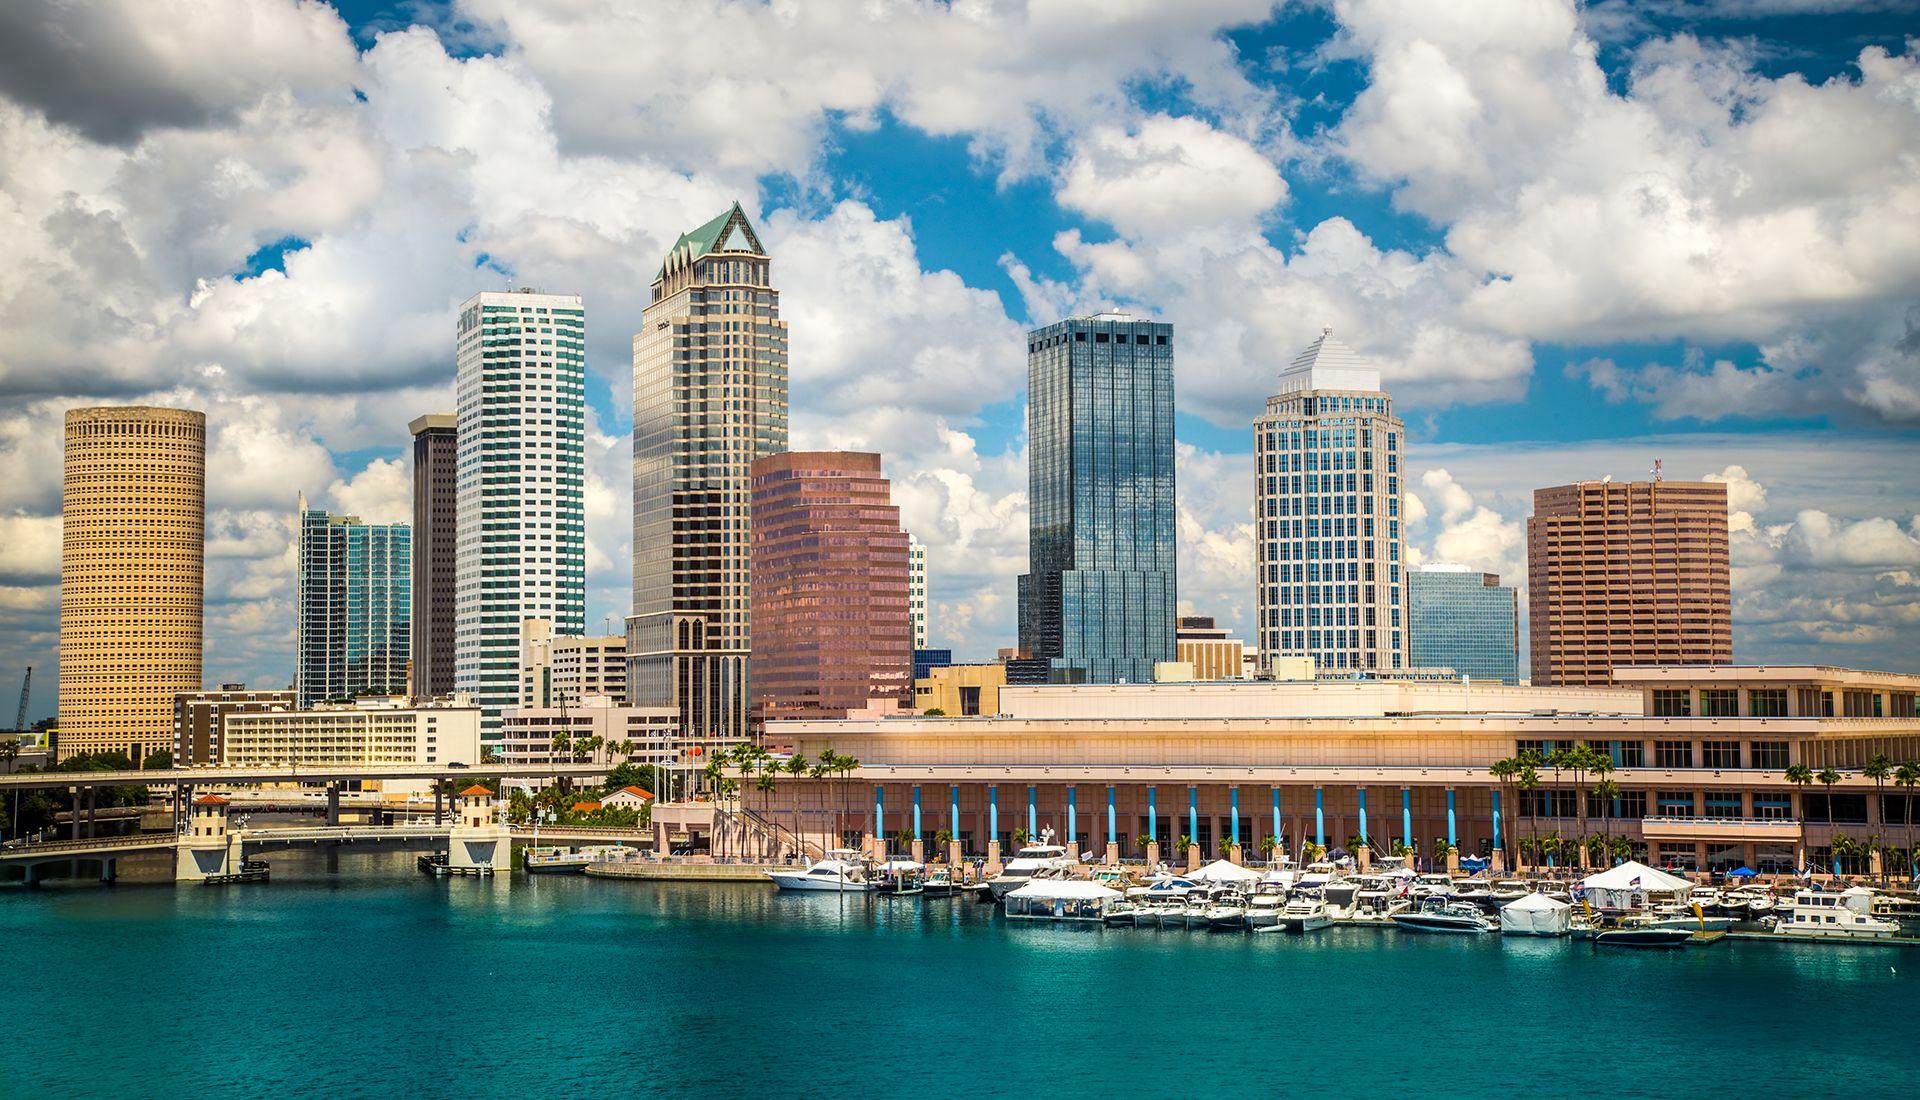 Tampa FL skyline